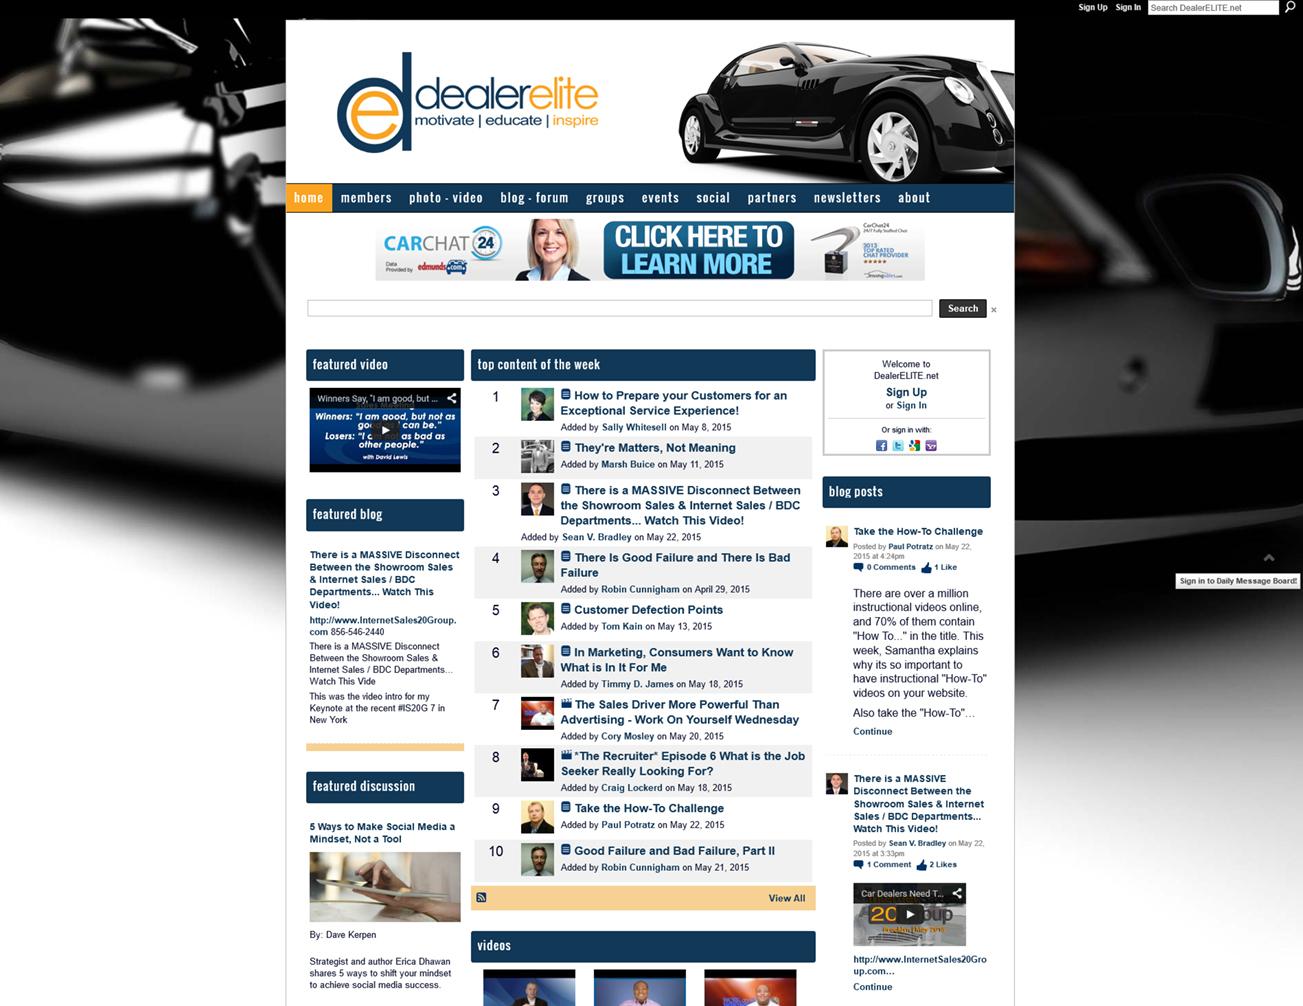 DealerElite - Ning 2.0 Facelift